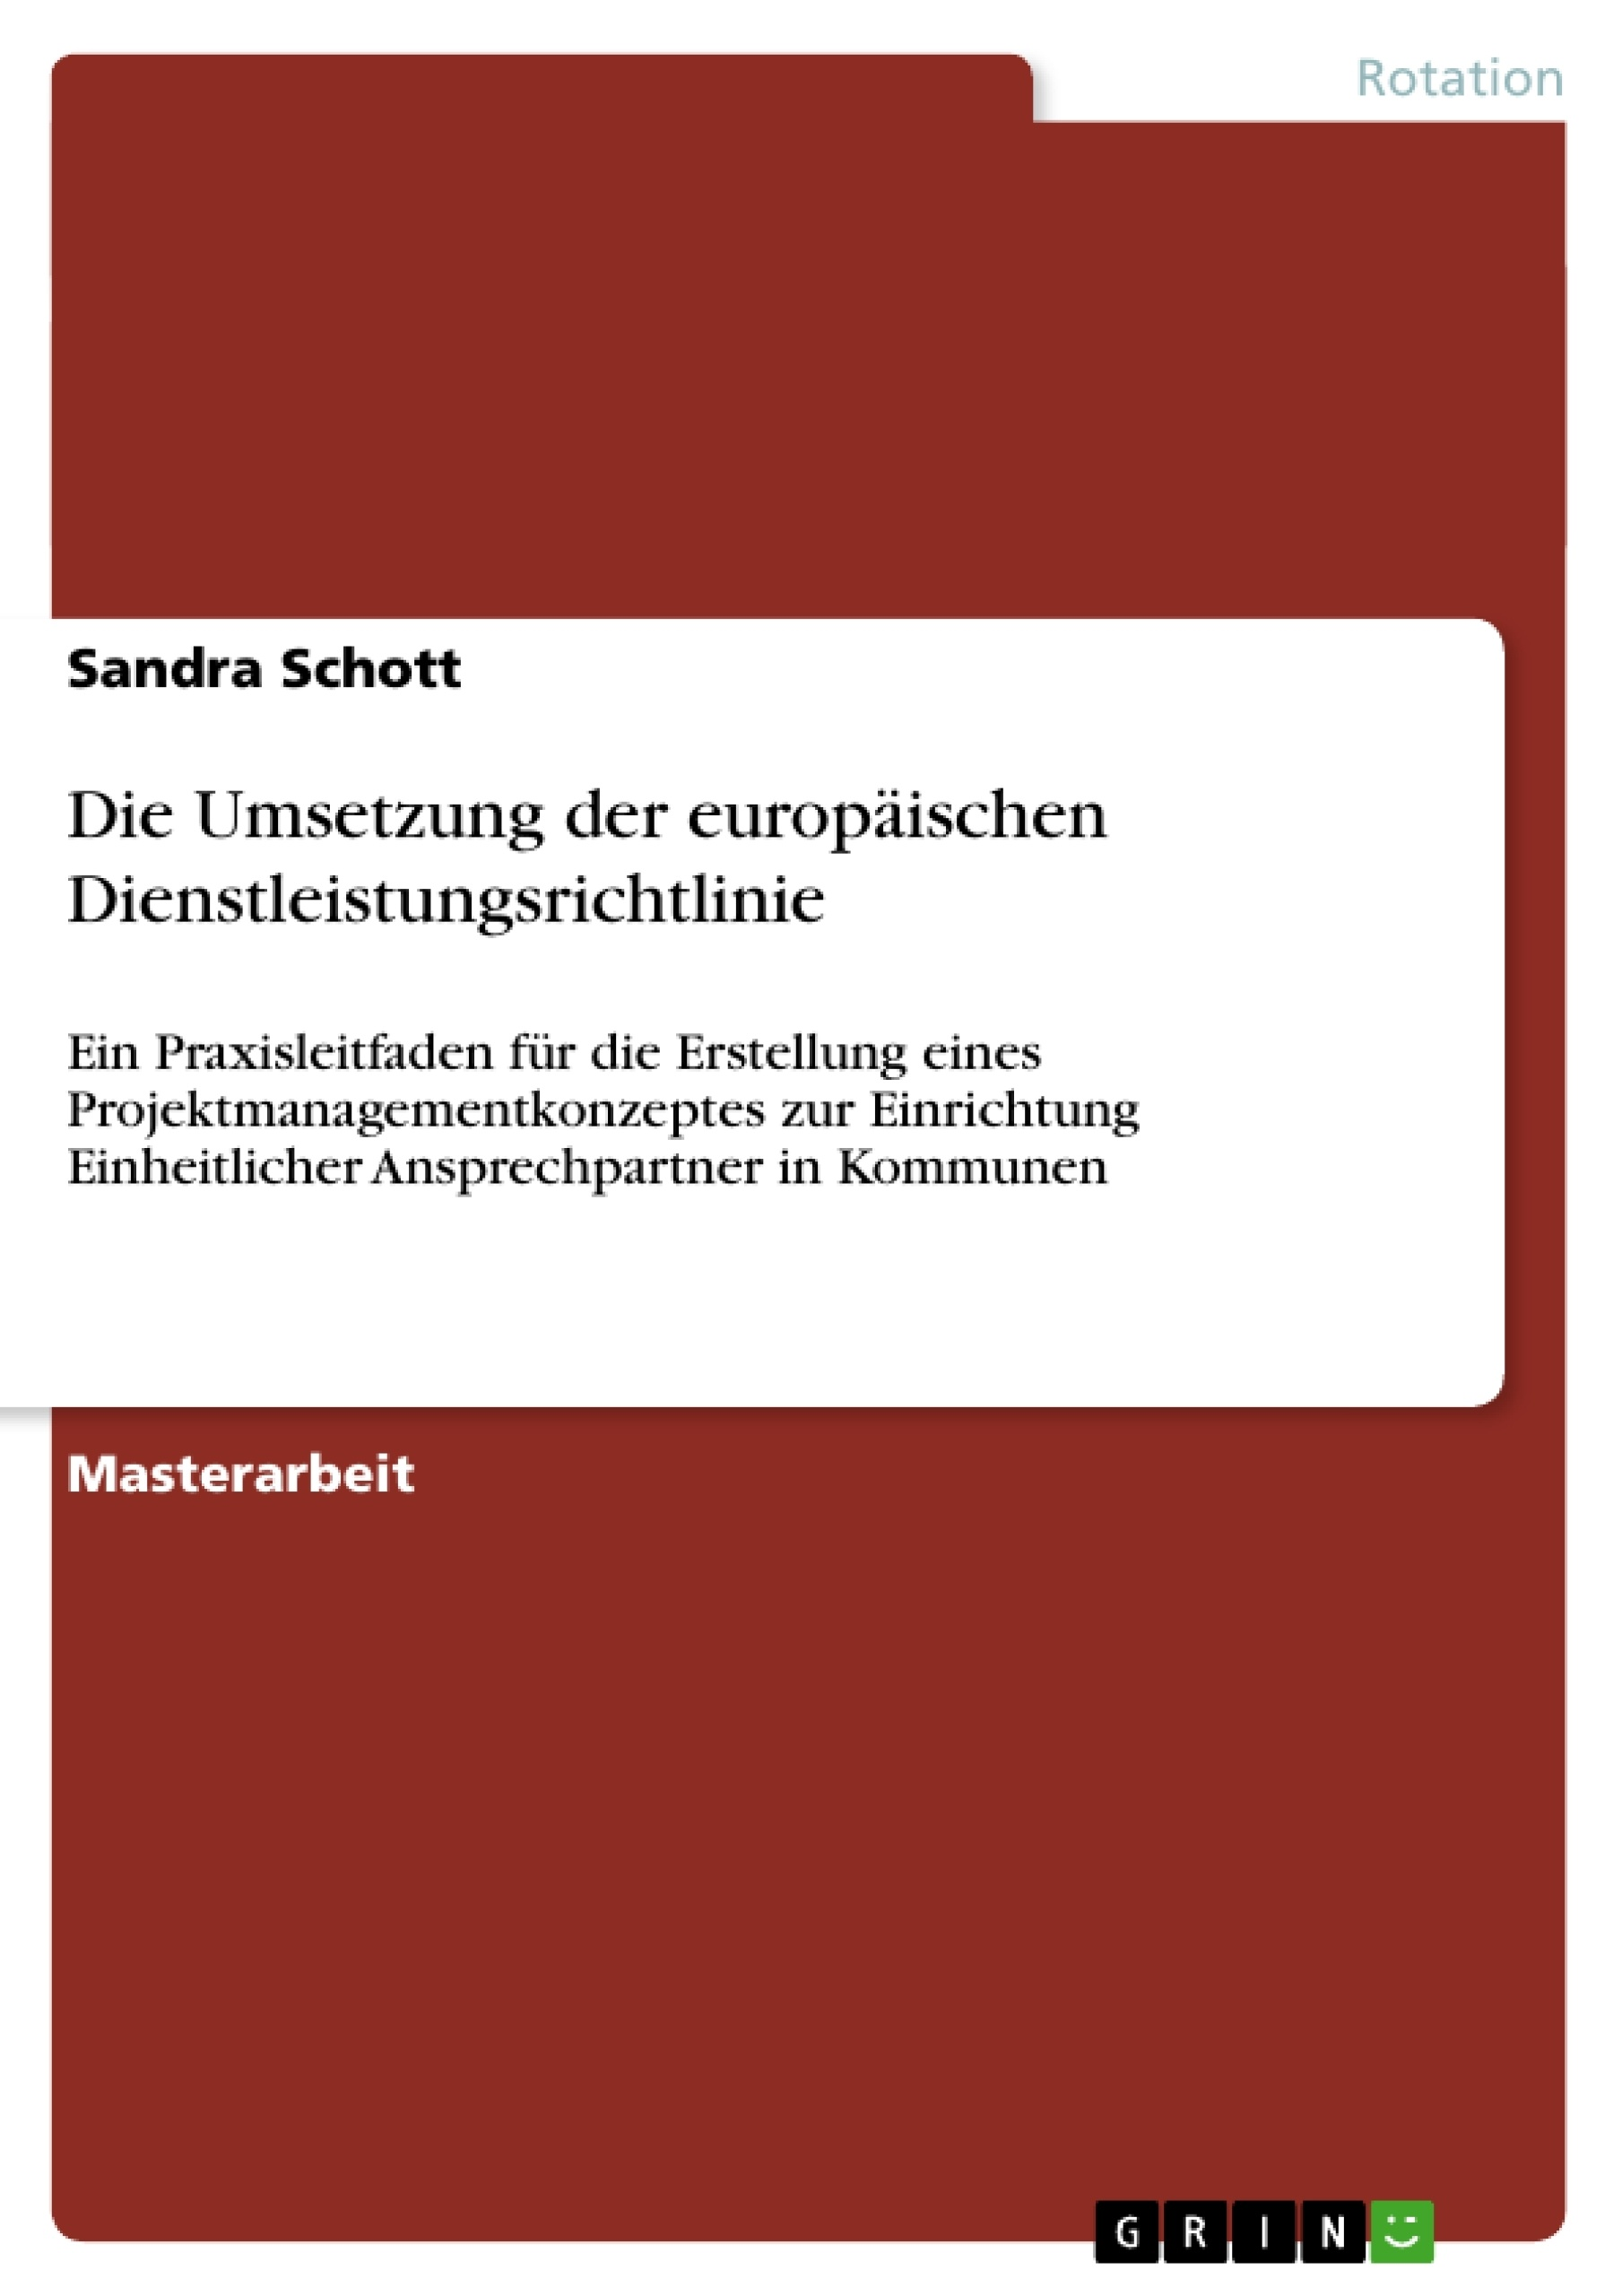 Titel: Die Umsetzung der europäischen Dienstleistungsrichtlinie